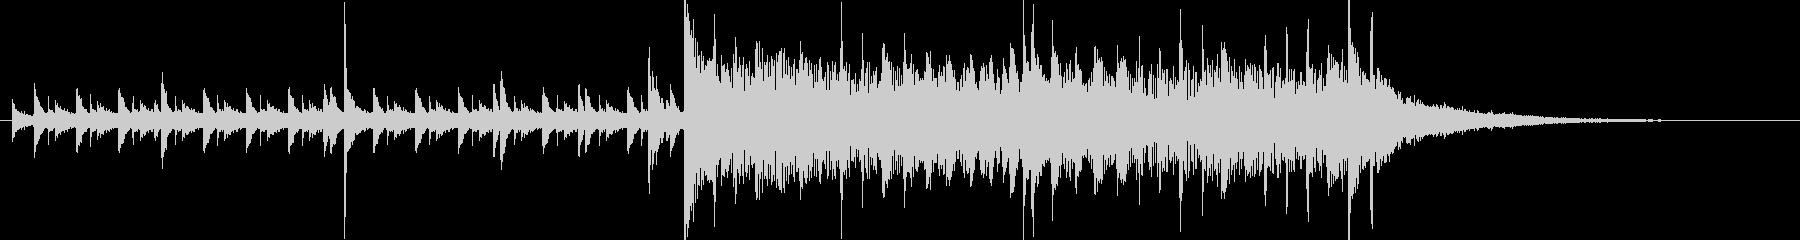 15秒・高速ジャズ・ドラムとウッドベースの未再生の波形